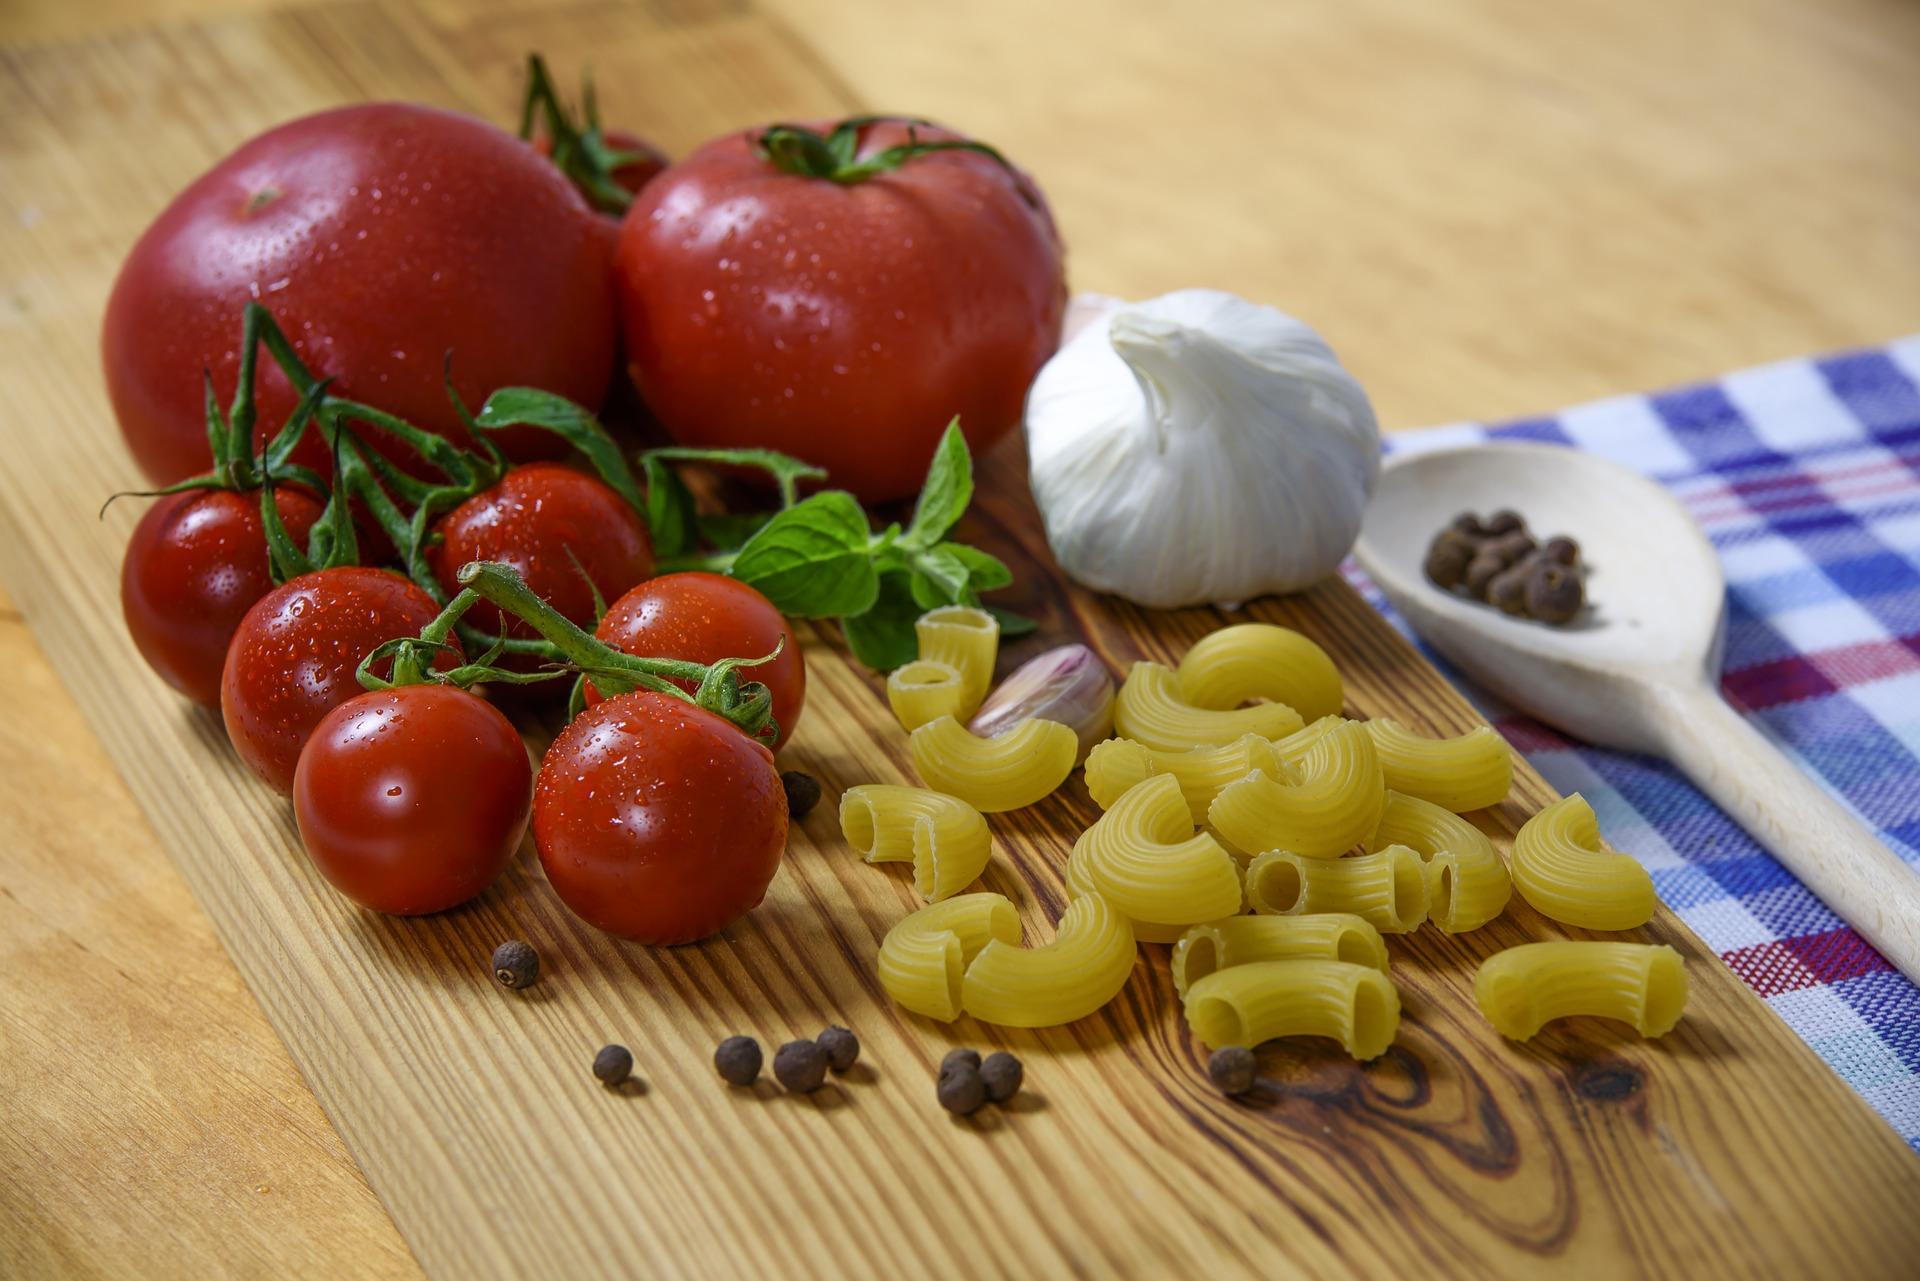 la dieta mediterranea ricerca per bambini